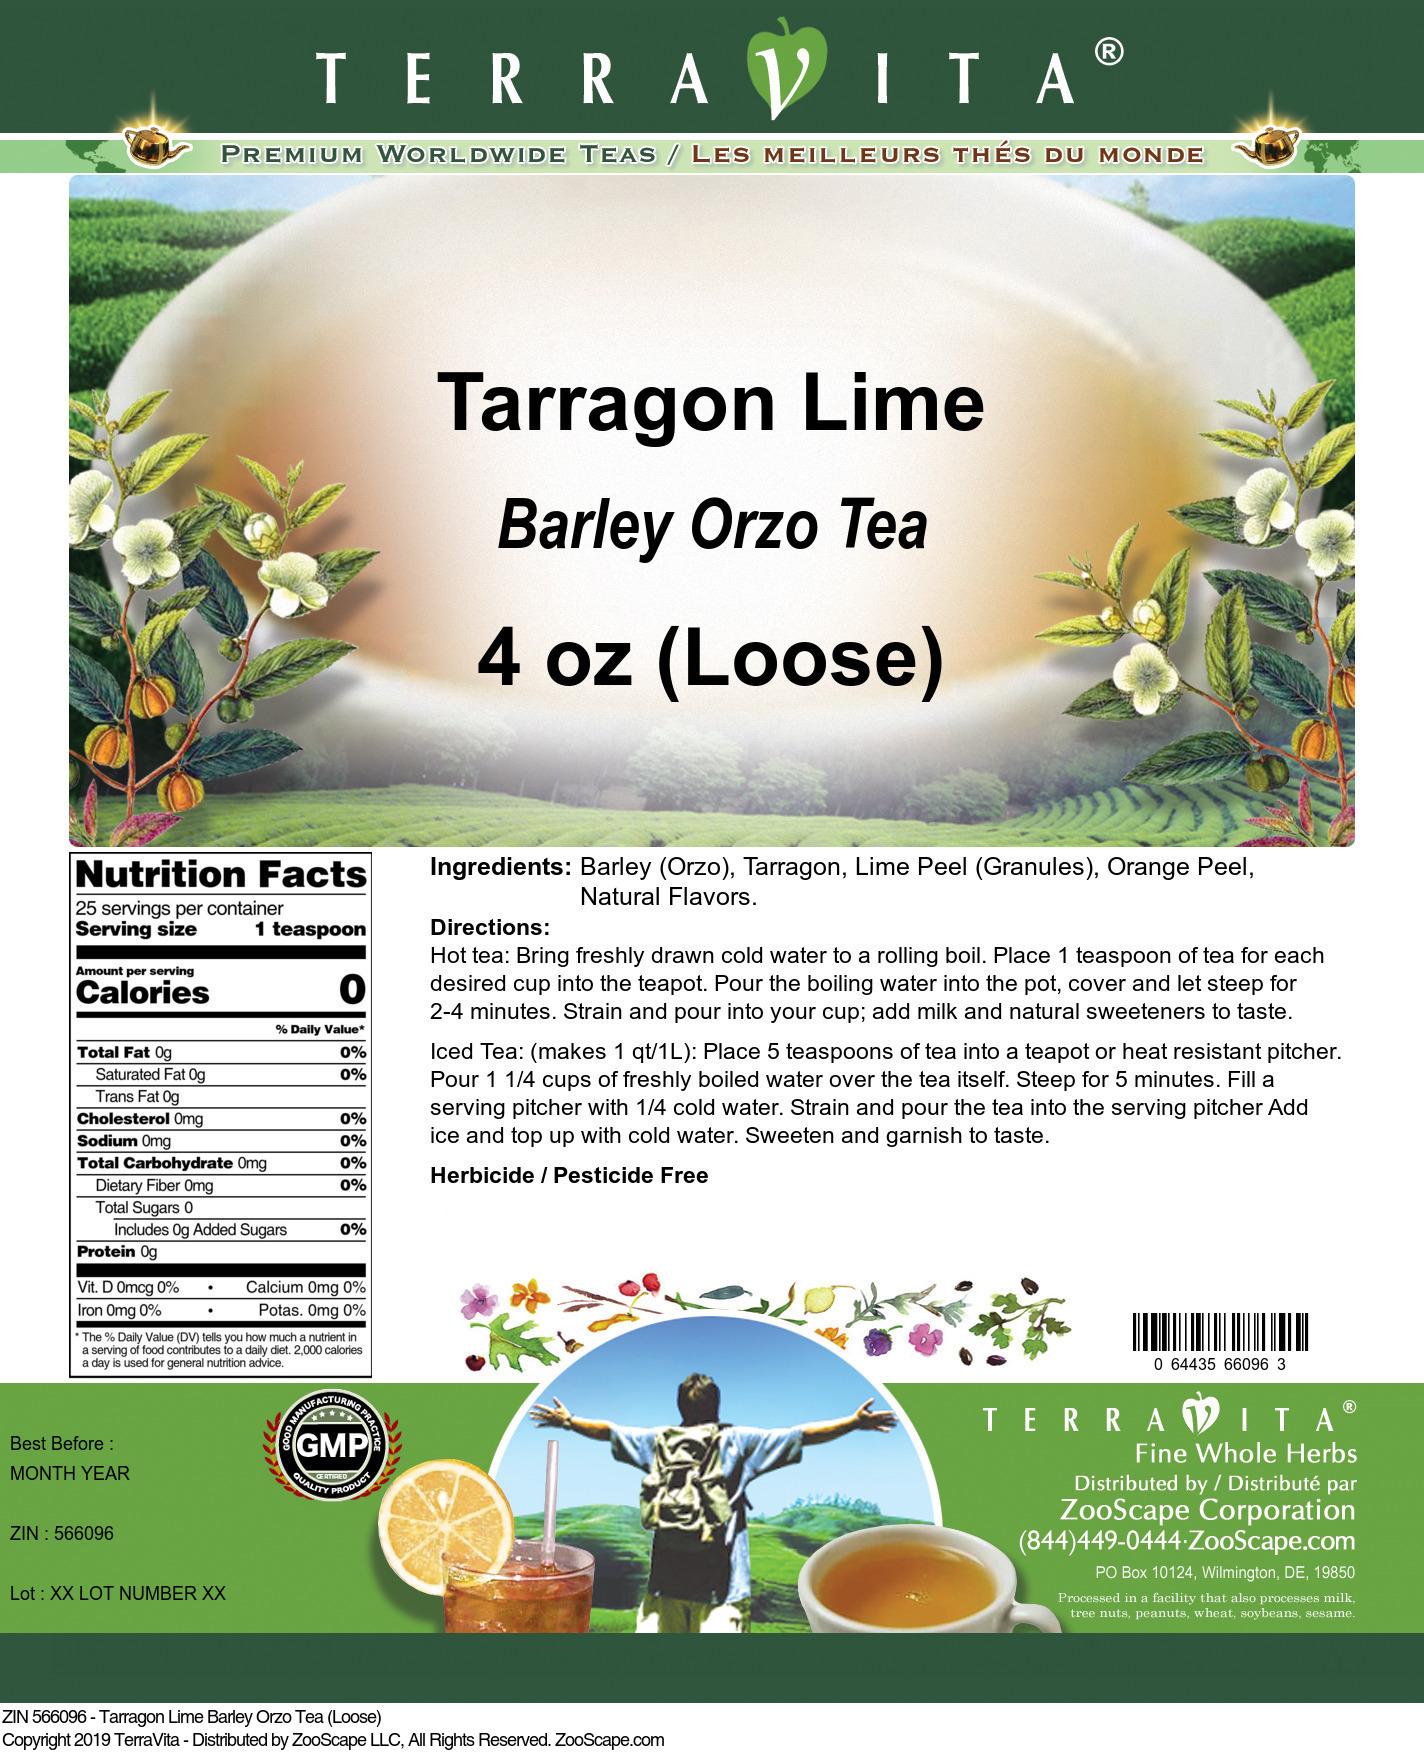 Tarragon Lime Barley Orzo